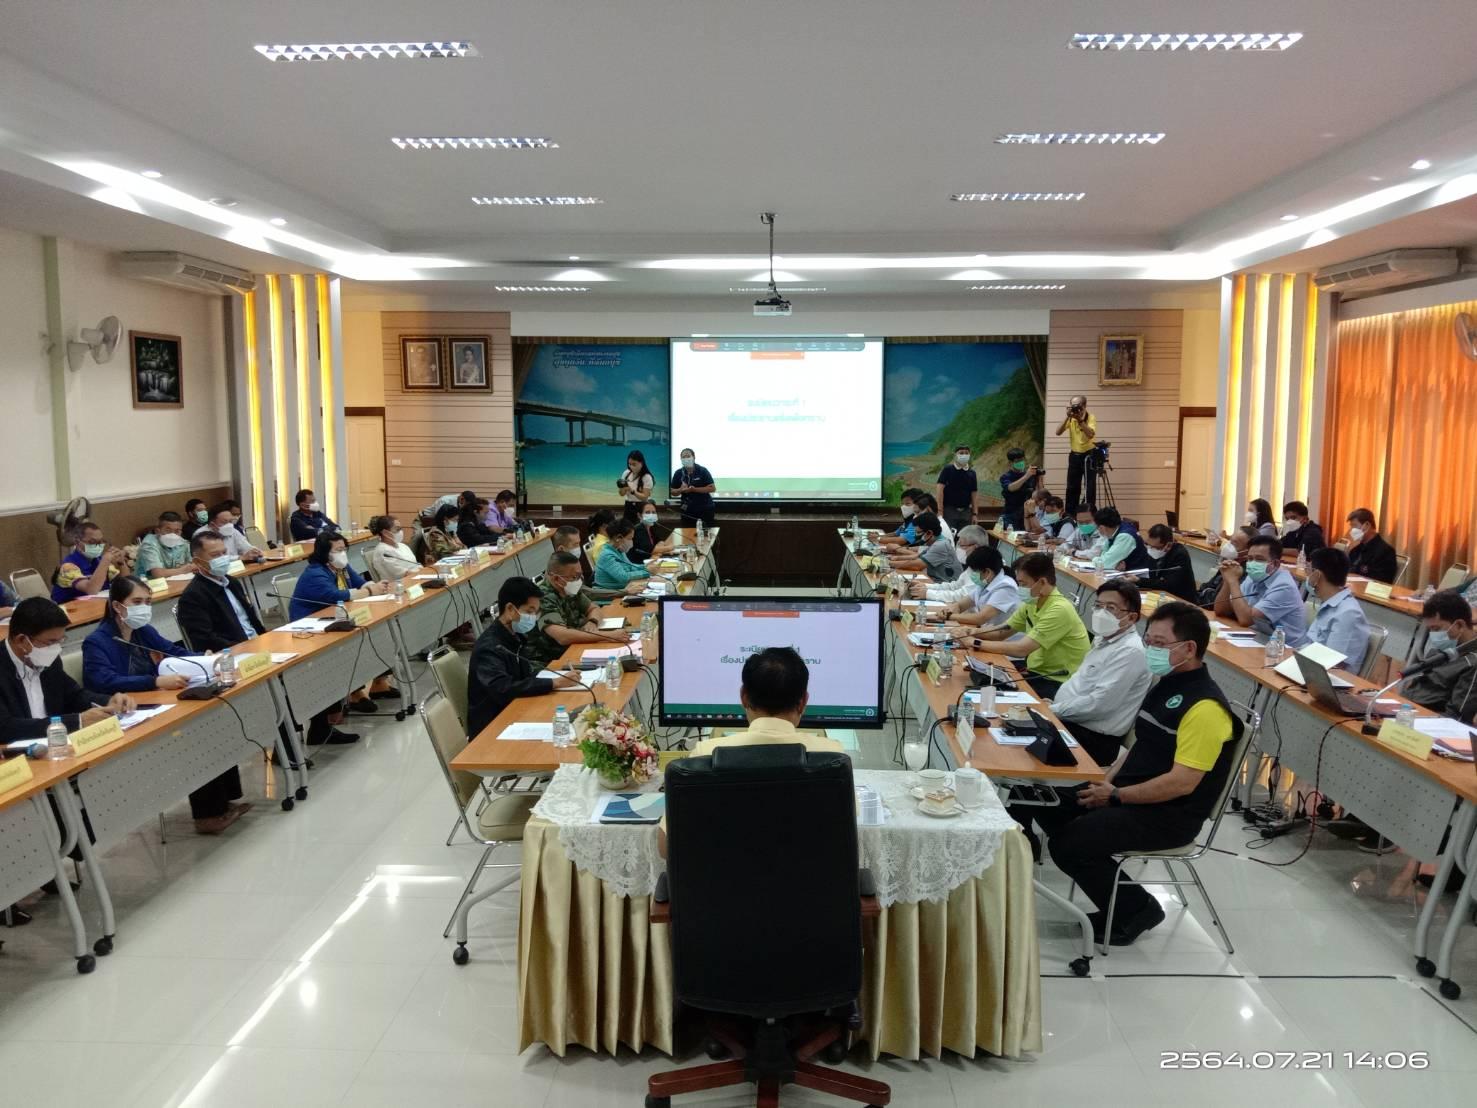 จัดหางานจังหวัดจันทบุรีร่วมการประชุมราชการ คณะกรรมการโรคติดต่อจังหวัดจันทบุรี  ครั้งที่ 17/2564